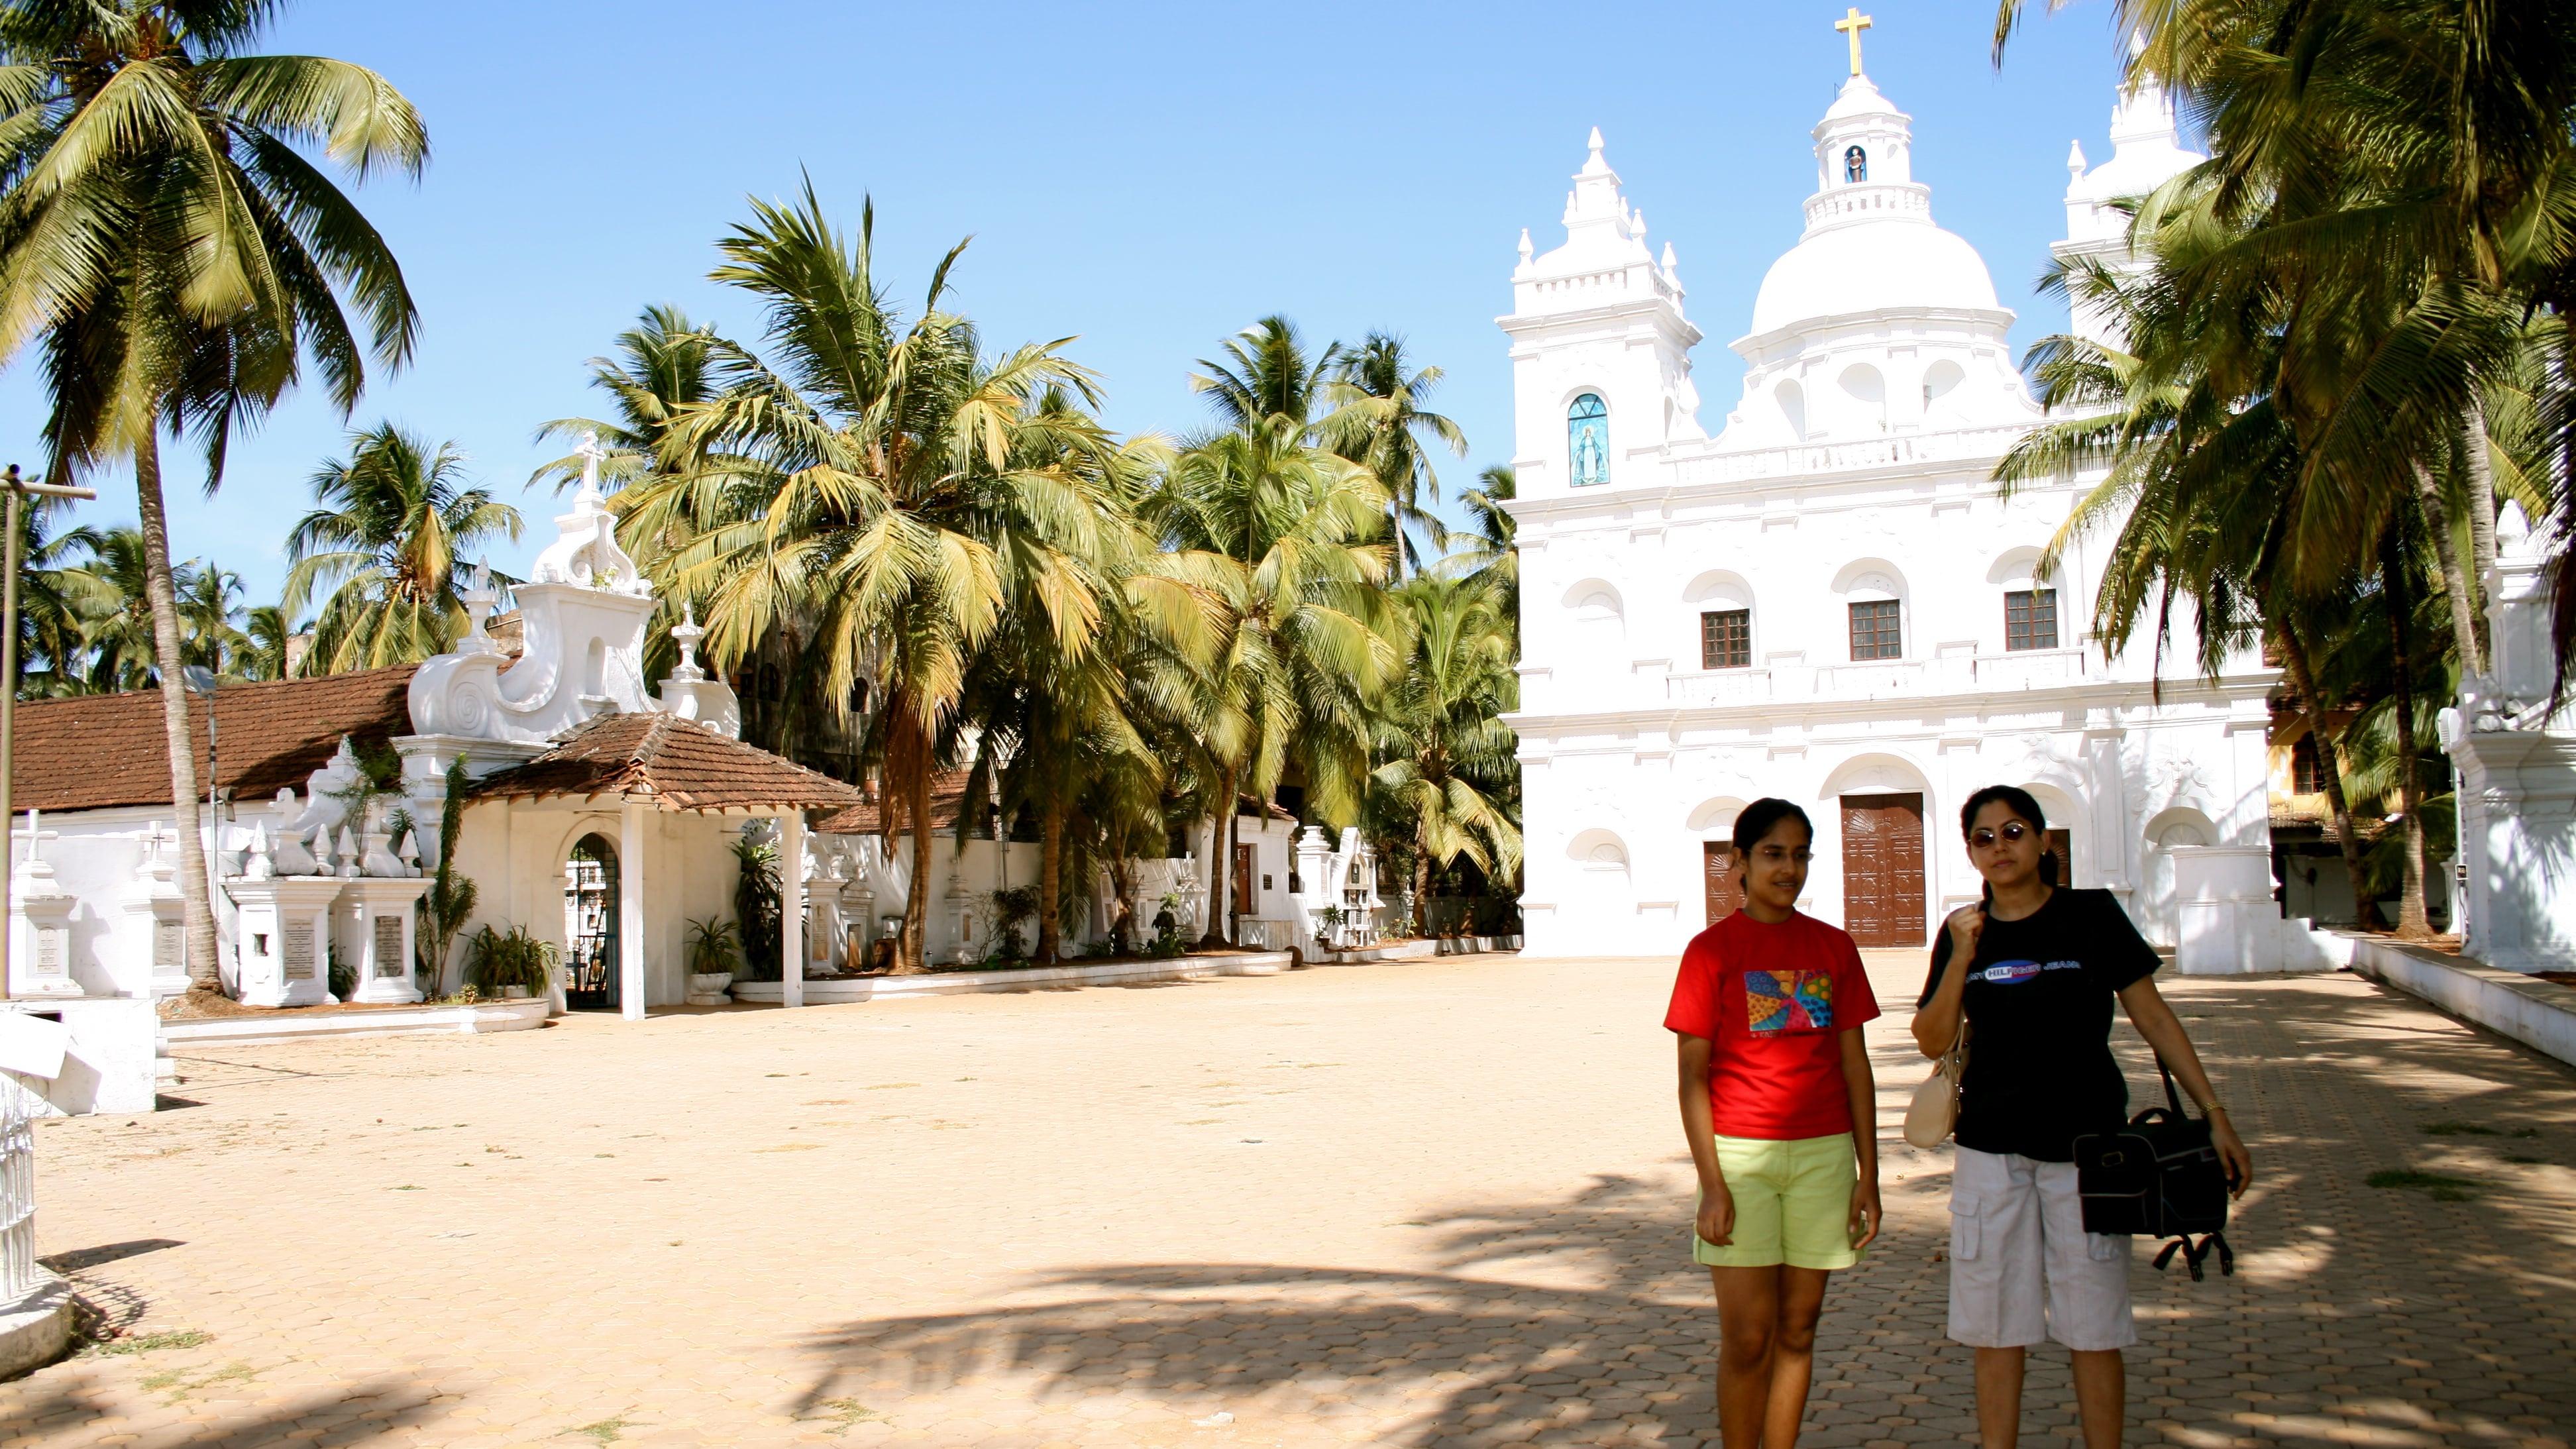 St. Alex's, Goa